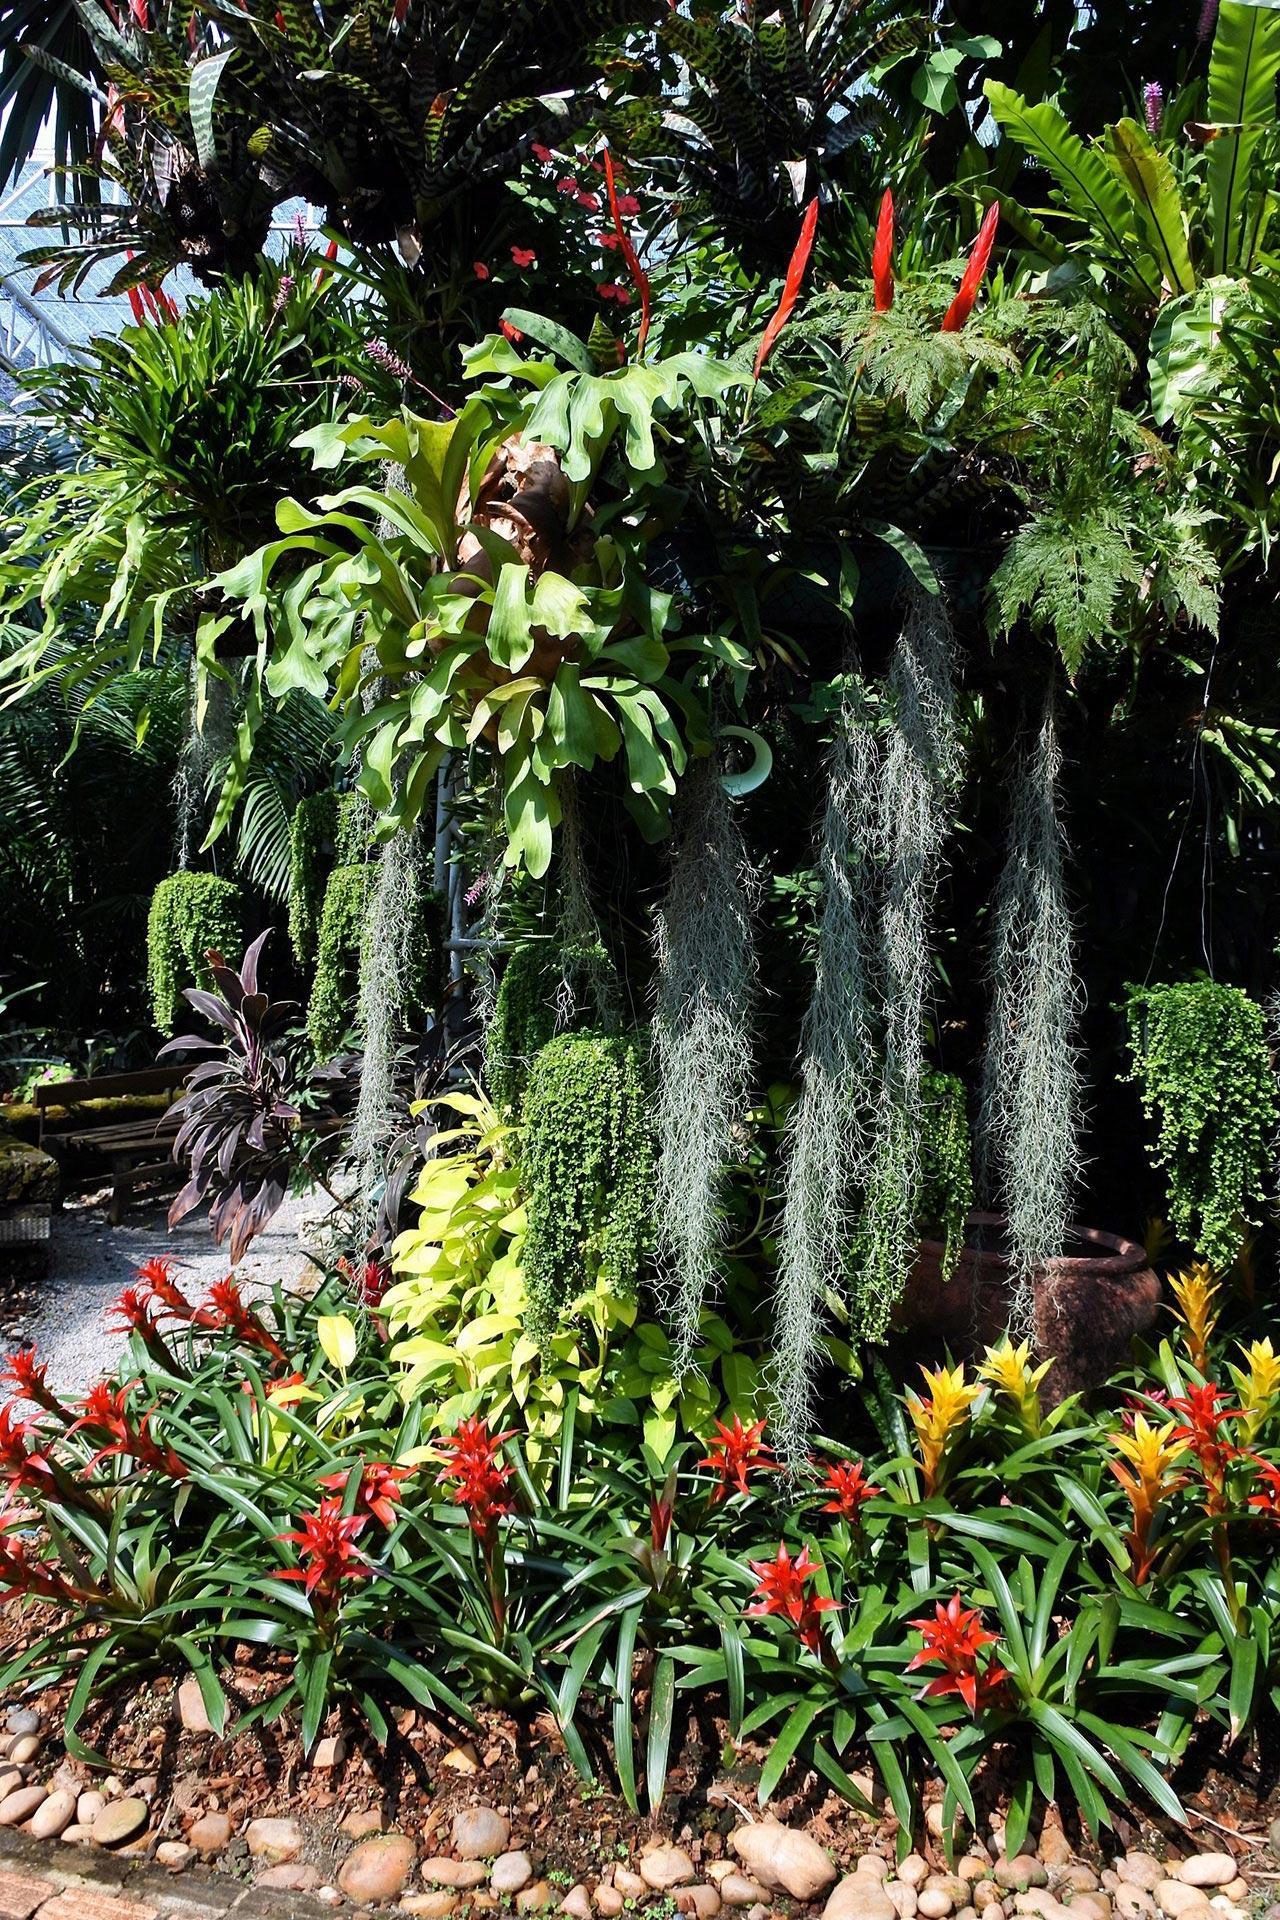 สับปะรดและเคราฤาษีในเรือนร่มไม้.